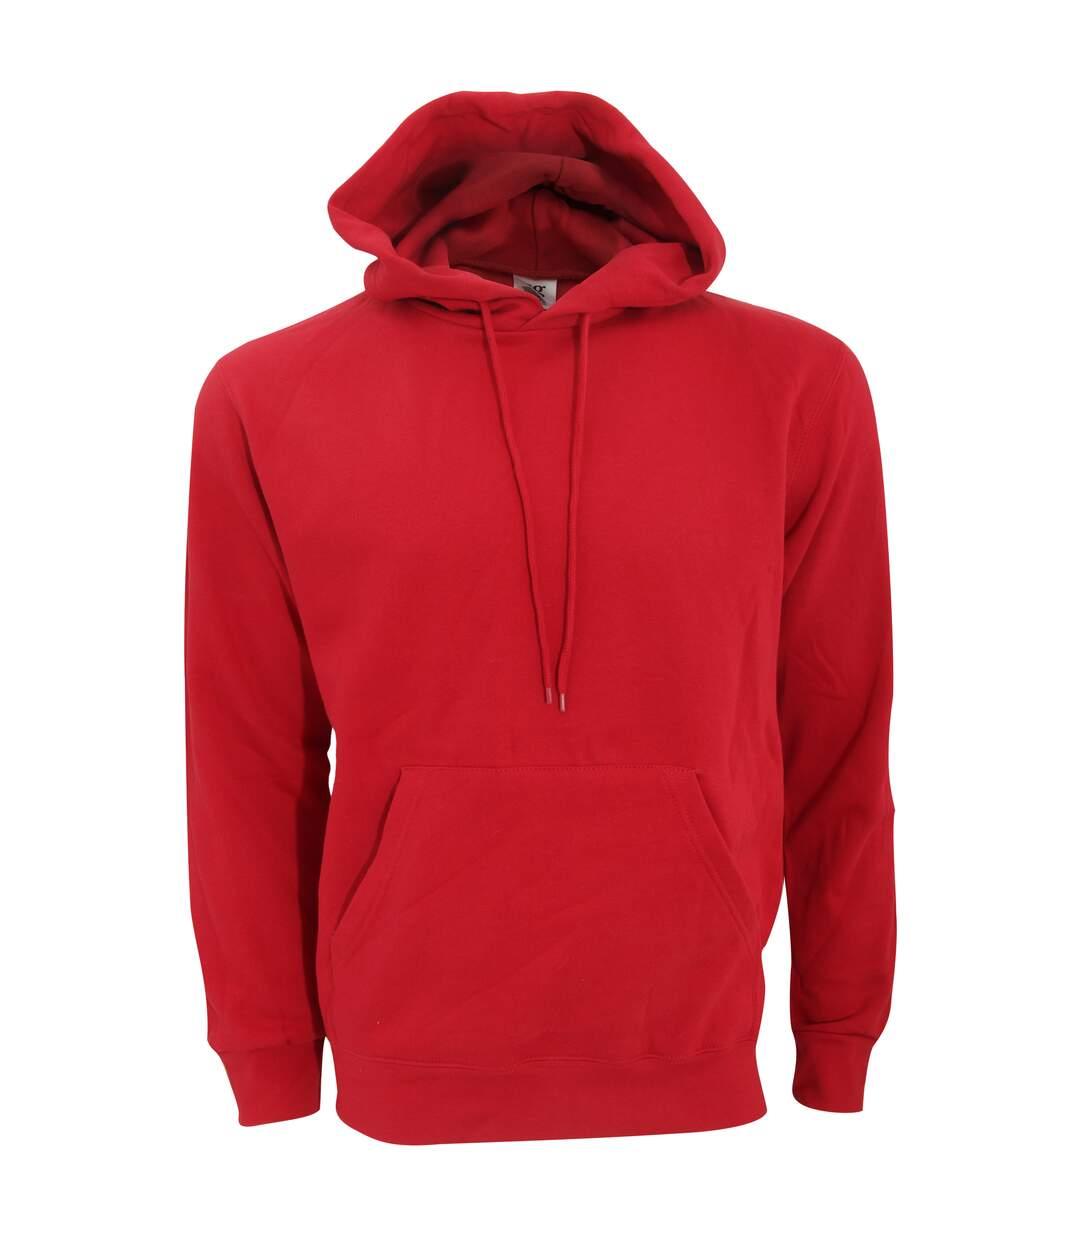 SG Mens Plain Hooded Sweatshirt Top / Hoodie (Navy Blue) - UTBC1072